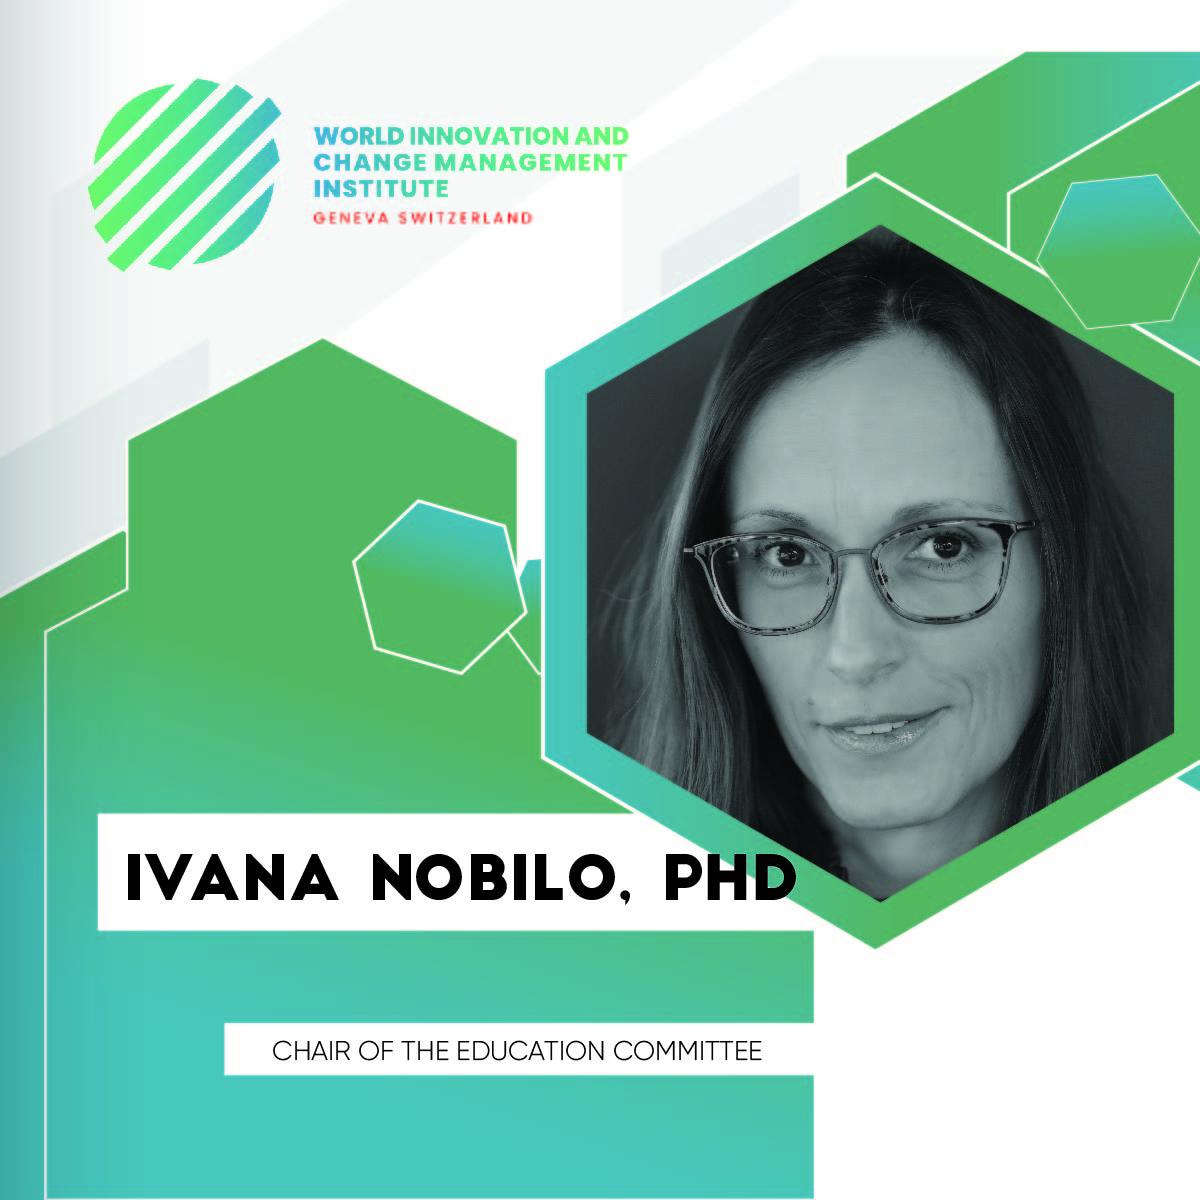 Ivana Nobilo